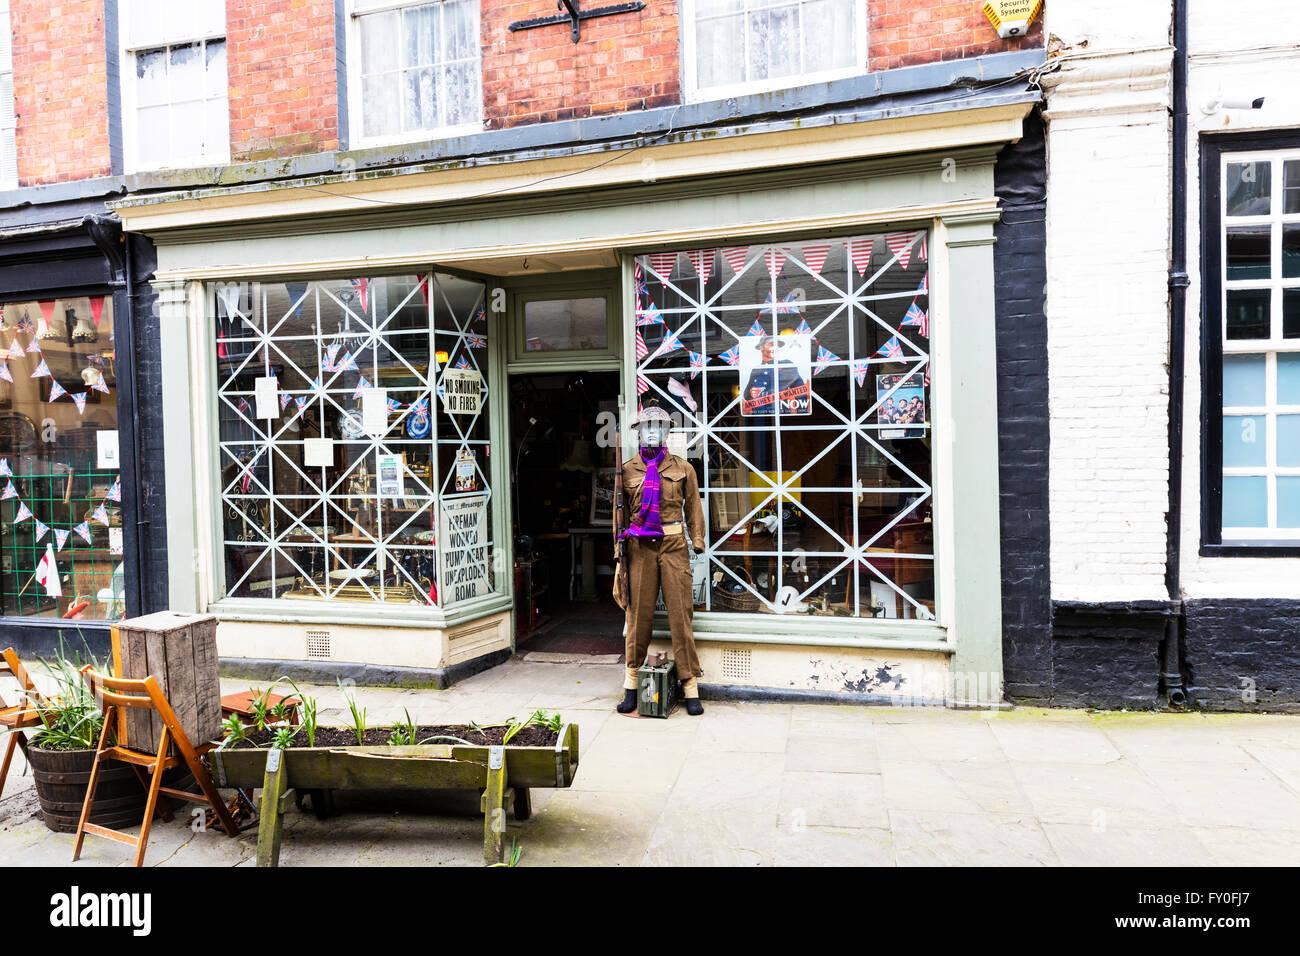 Casco antiguo en Bridlington tiendas tienda de decoración del ejército dads  blitz cinta en windows Yorkshire f1ec0ac6908